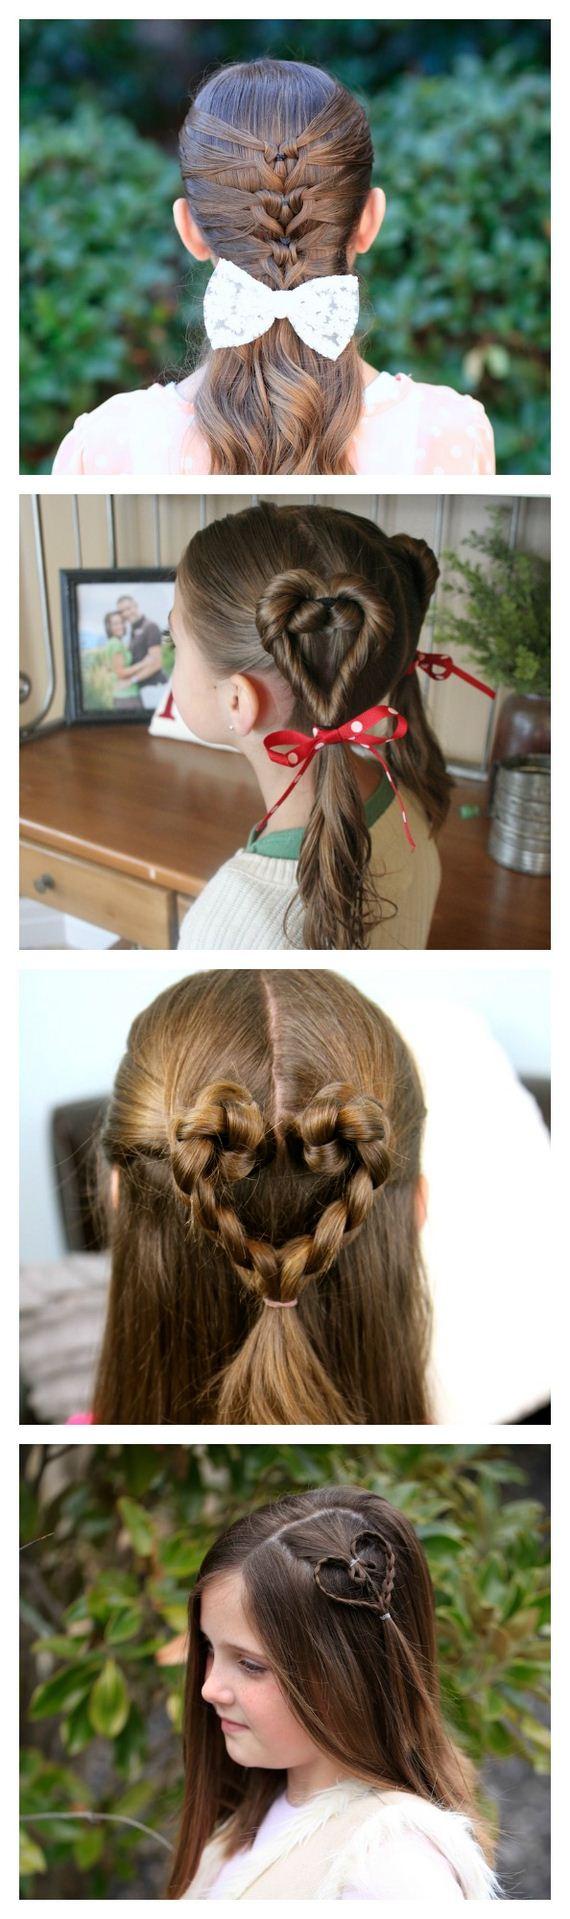 02-DIY-Heart-Hairstyles